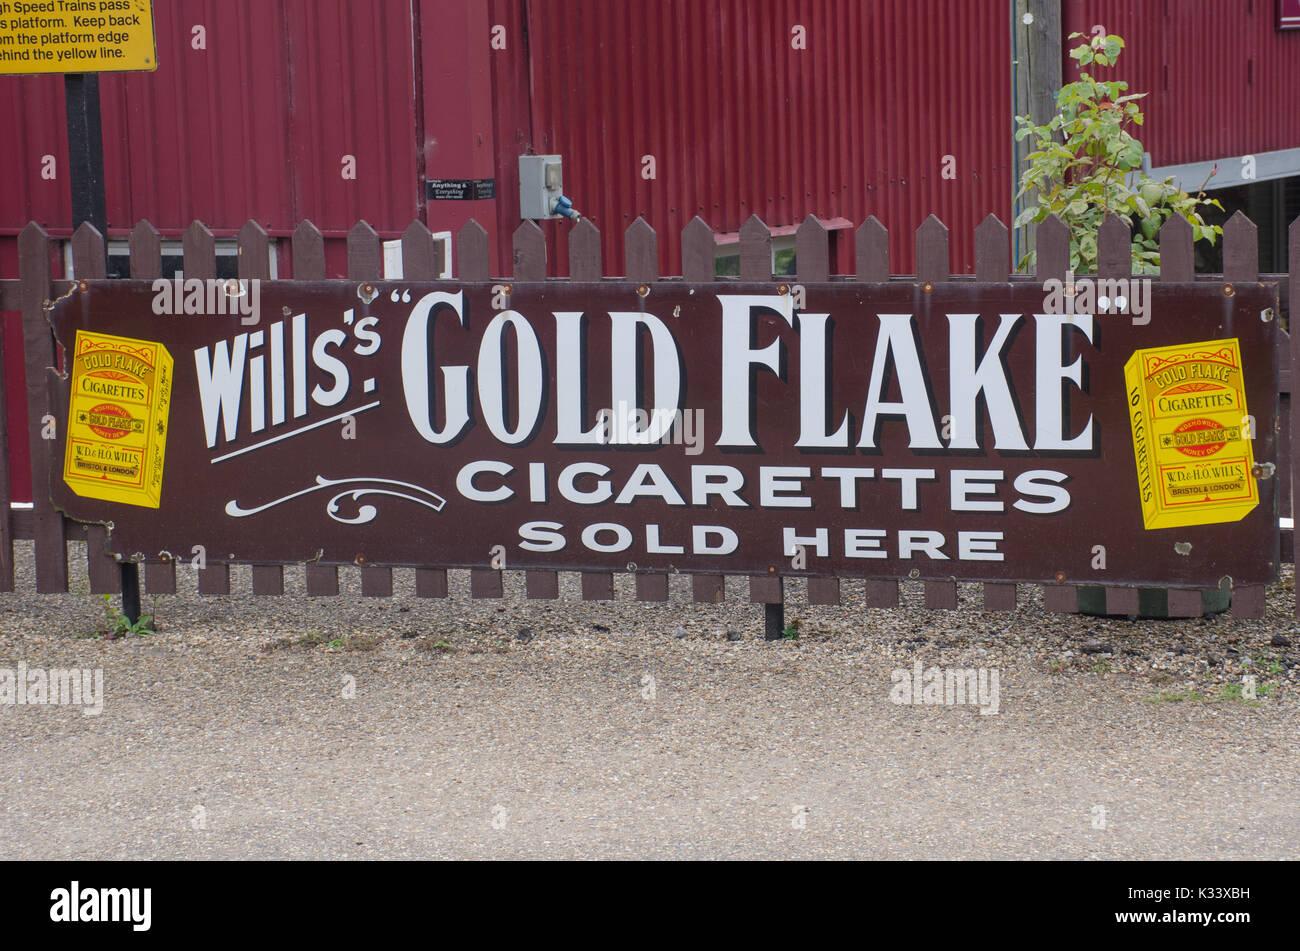 Filter vs filterless cigarettes Marlboro